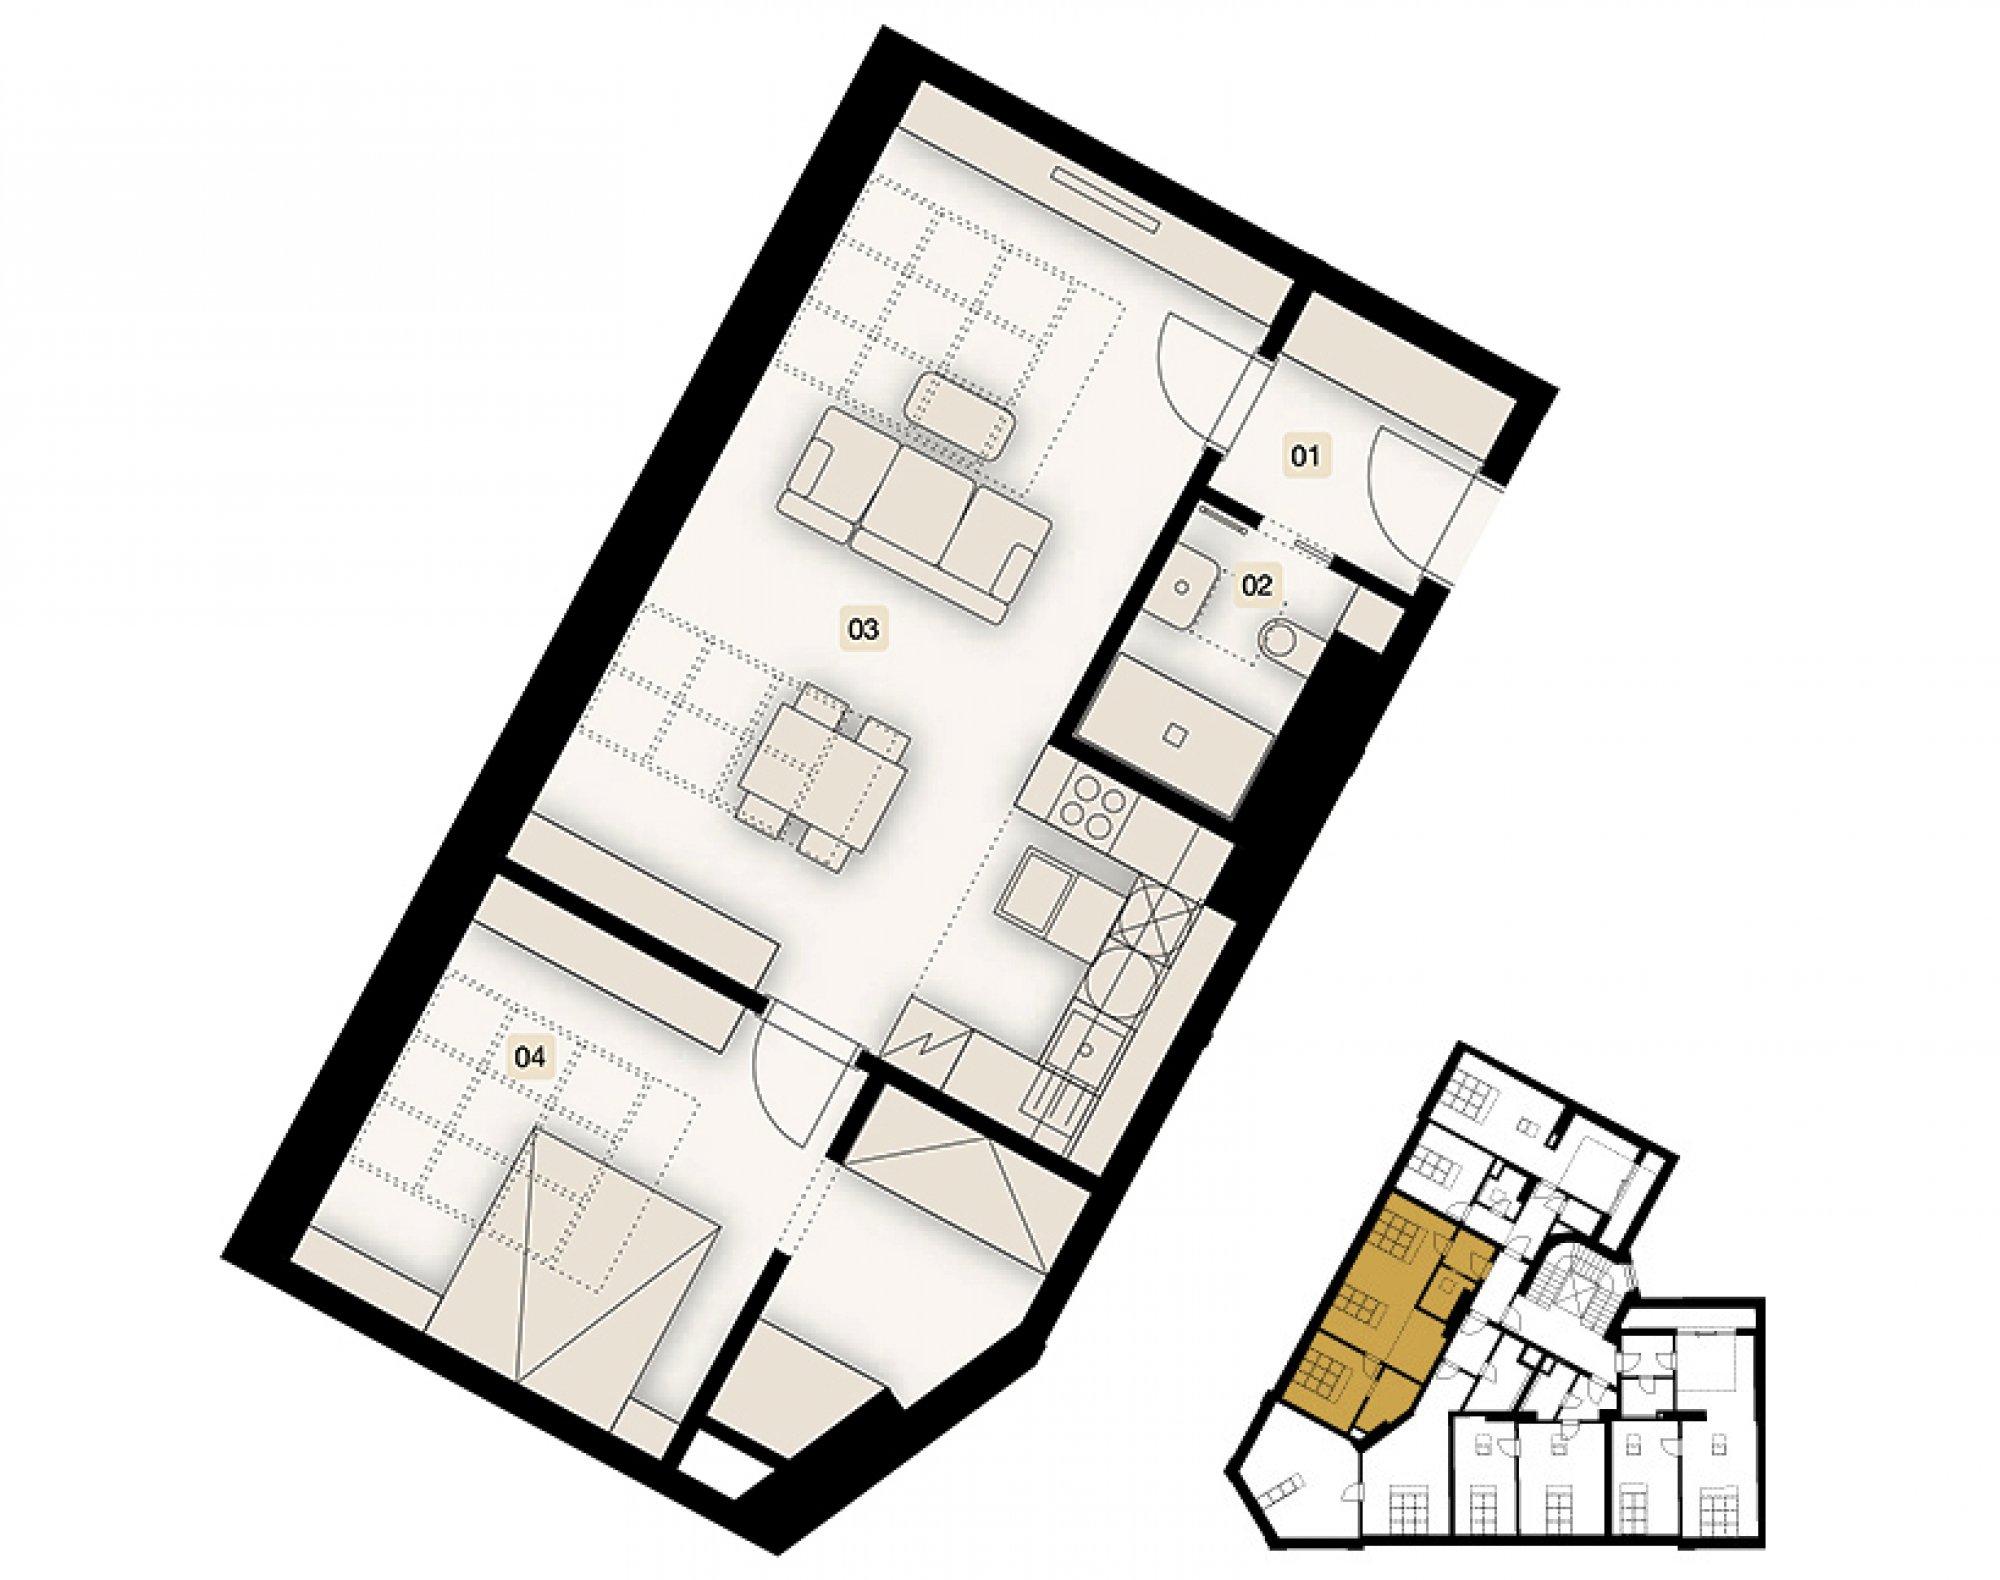 Půdorys - Půdní byt 2+kk, plocha 63 m², ulice Bořivojova, Praha 3 - Žižkov